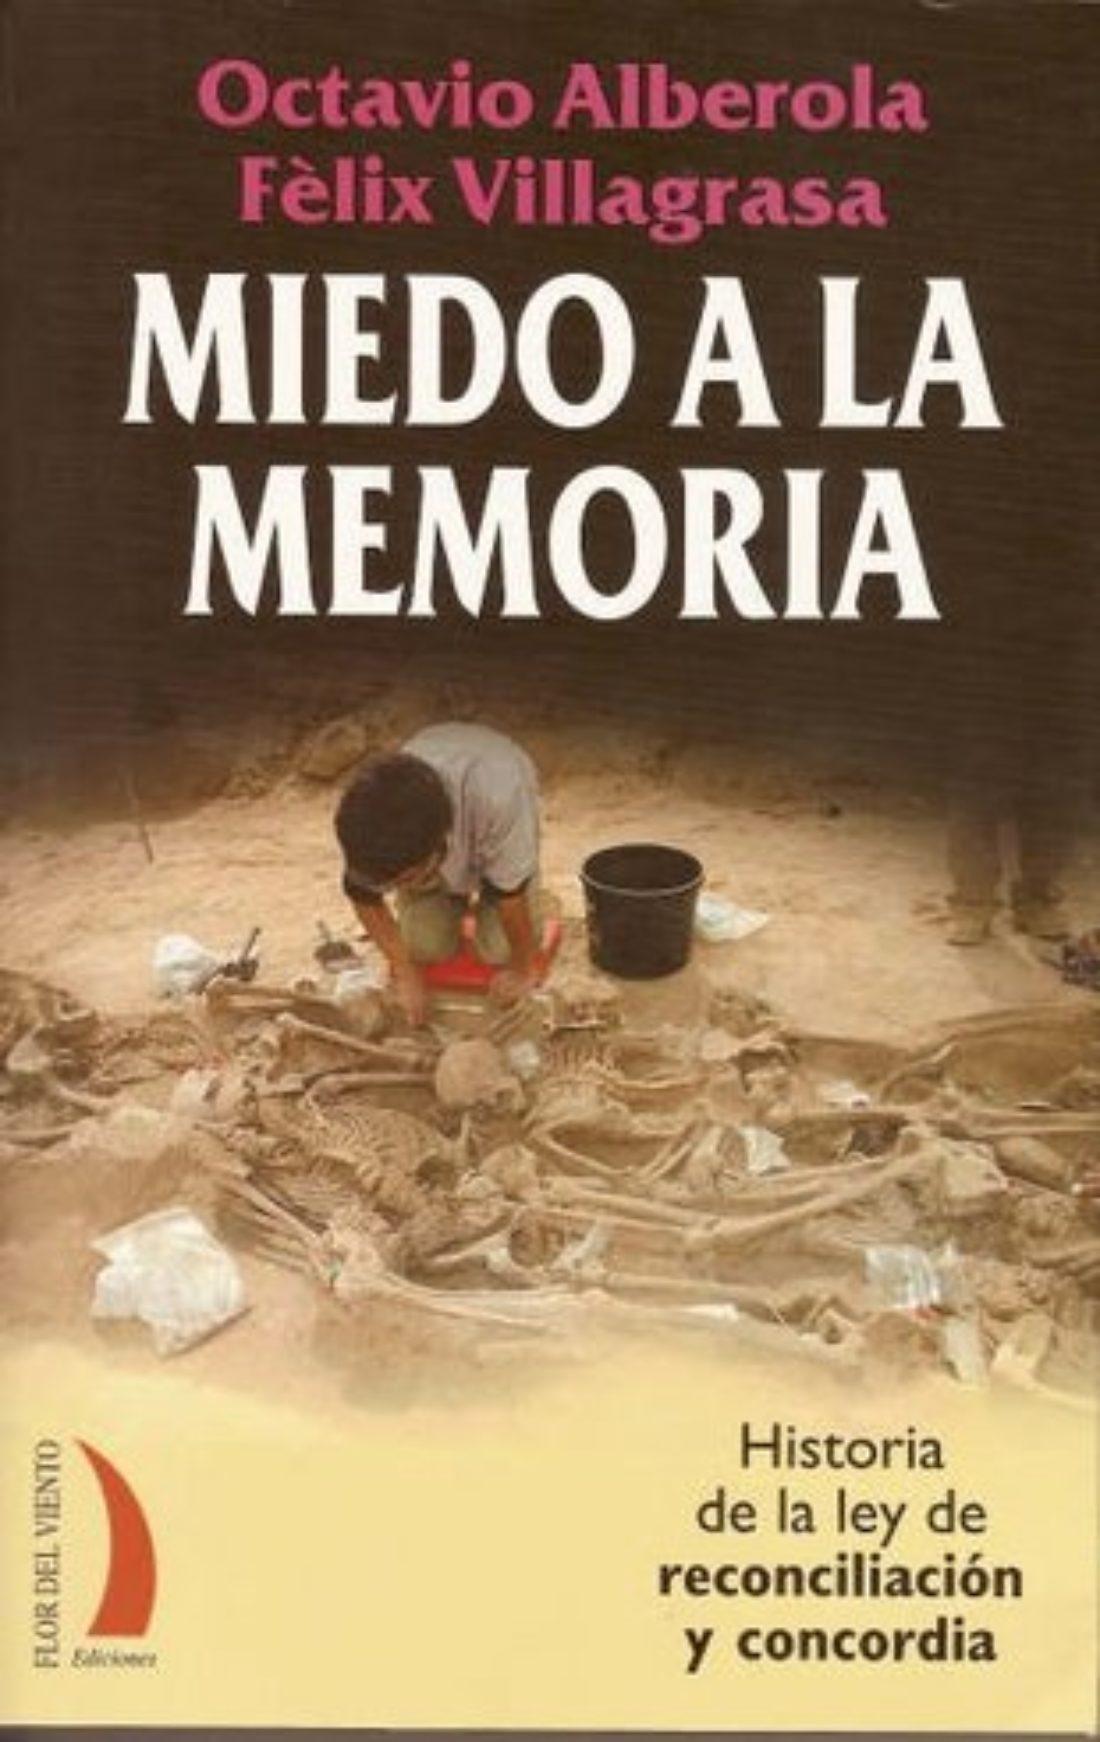 Presentación del libro MIEDO A LA MEMORIA en el Ateneo de Barcelona el 26 de junio.